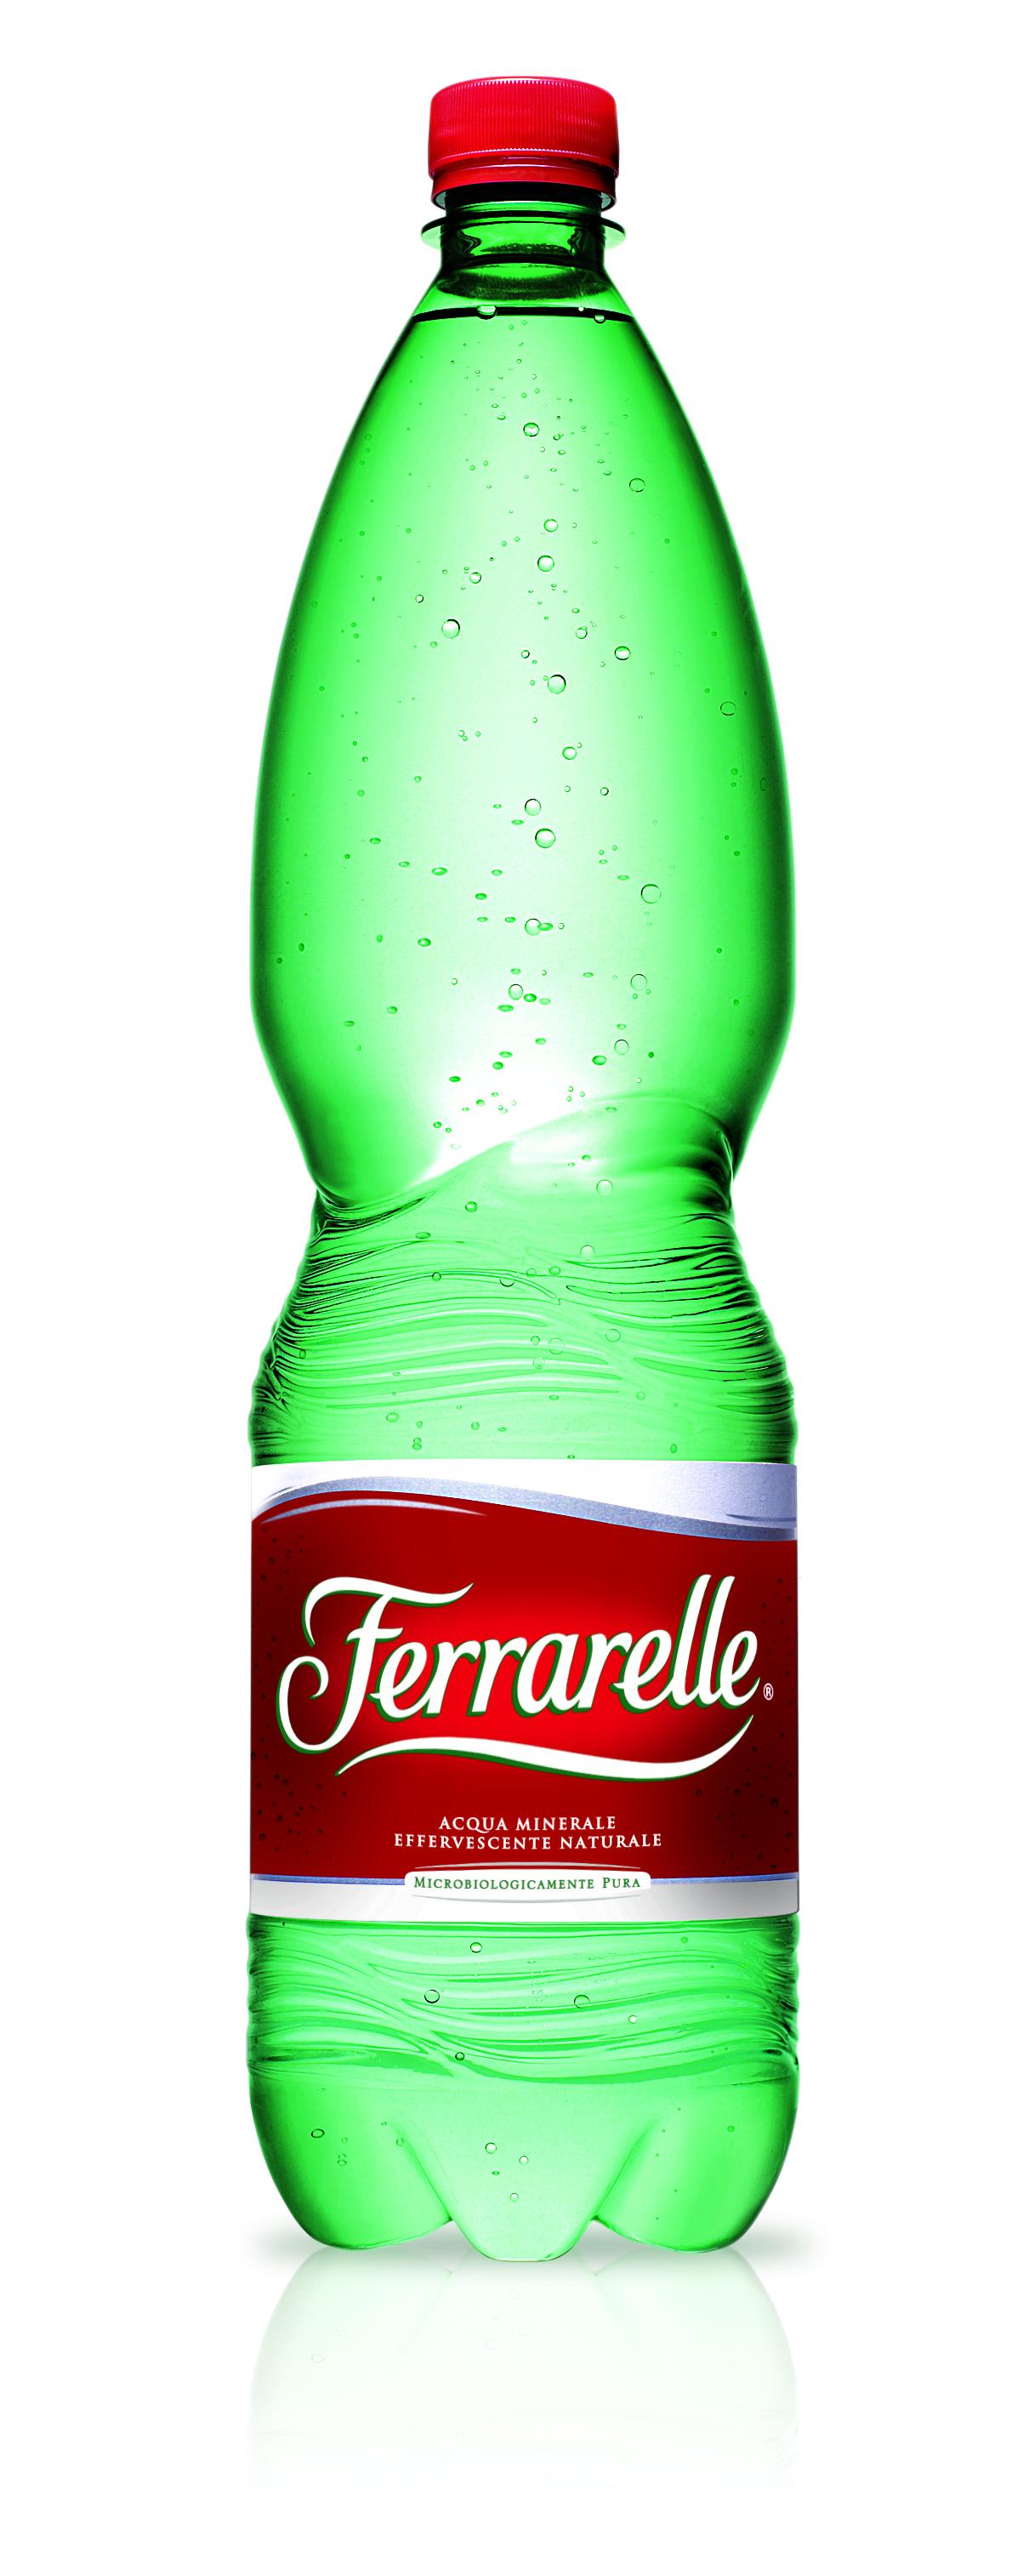 Acqua minerale Ferrarelle